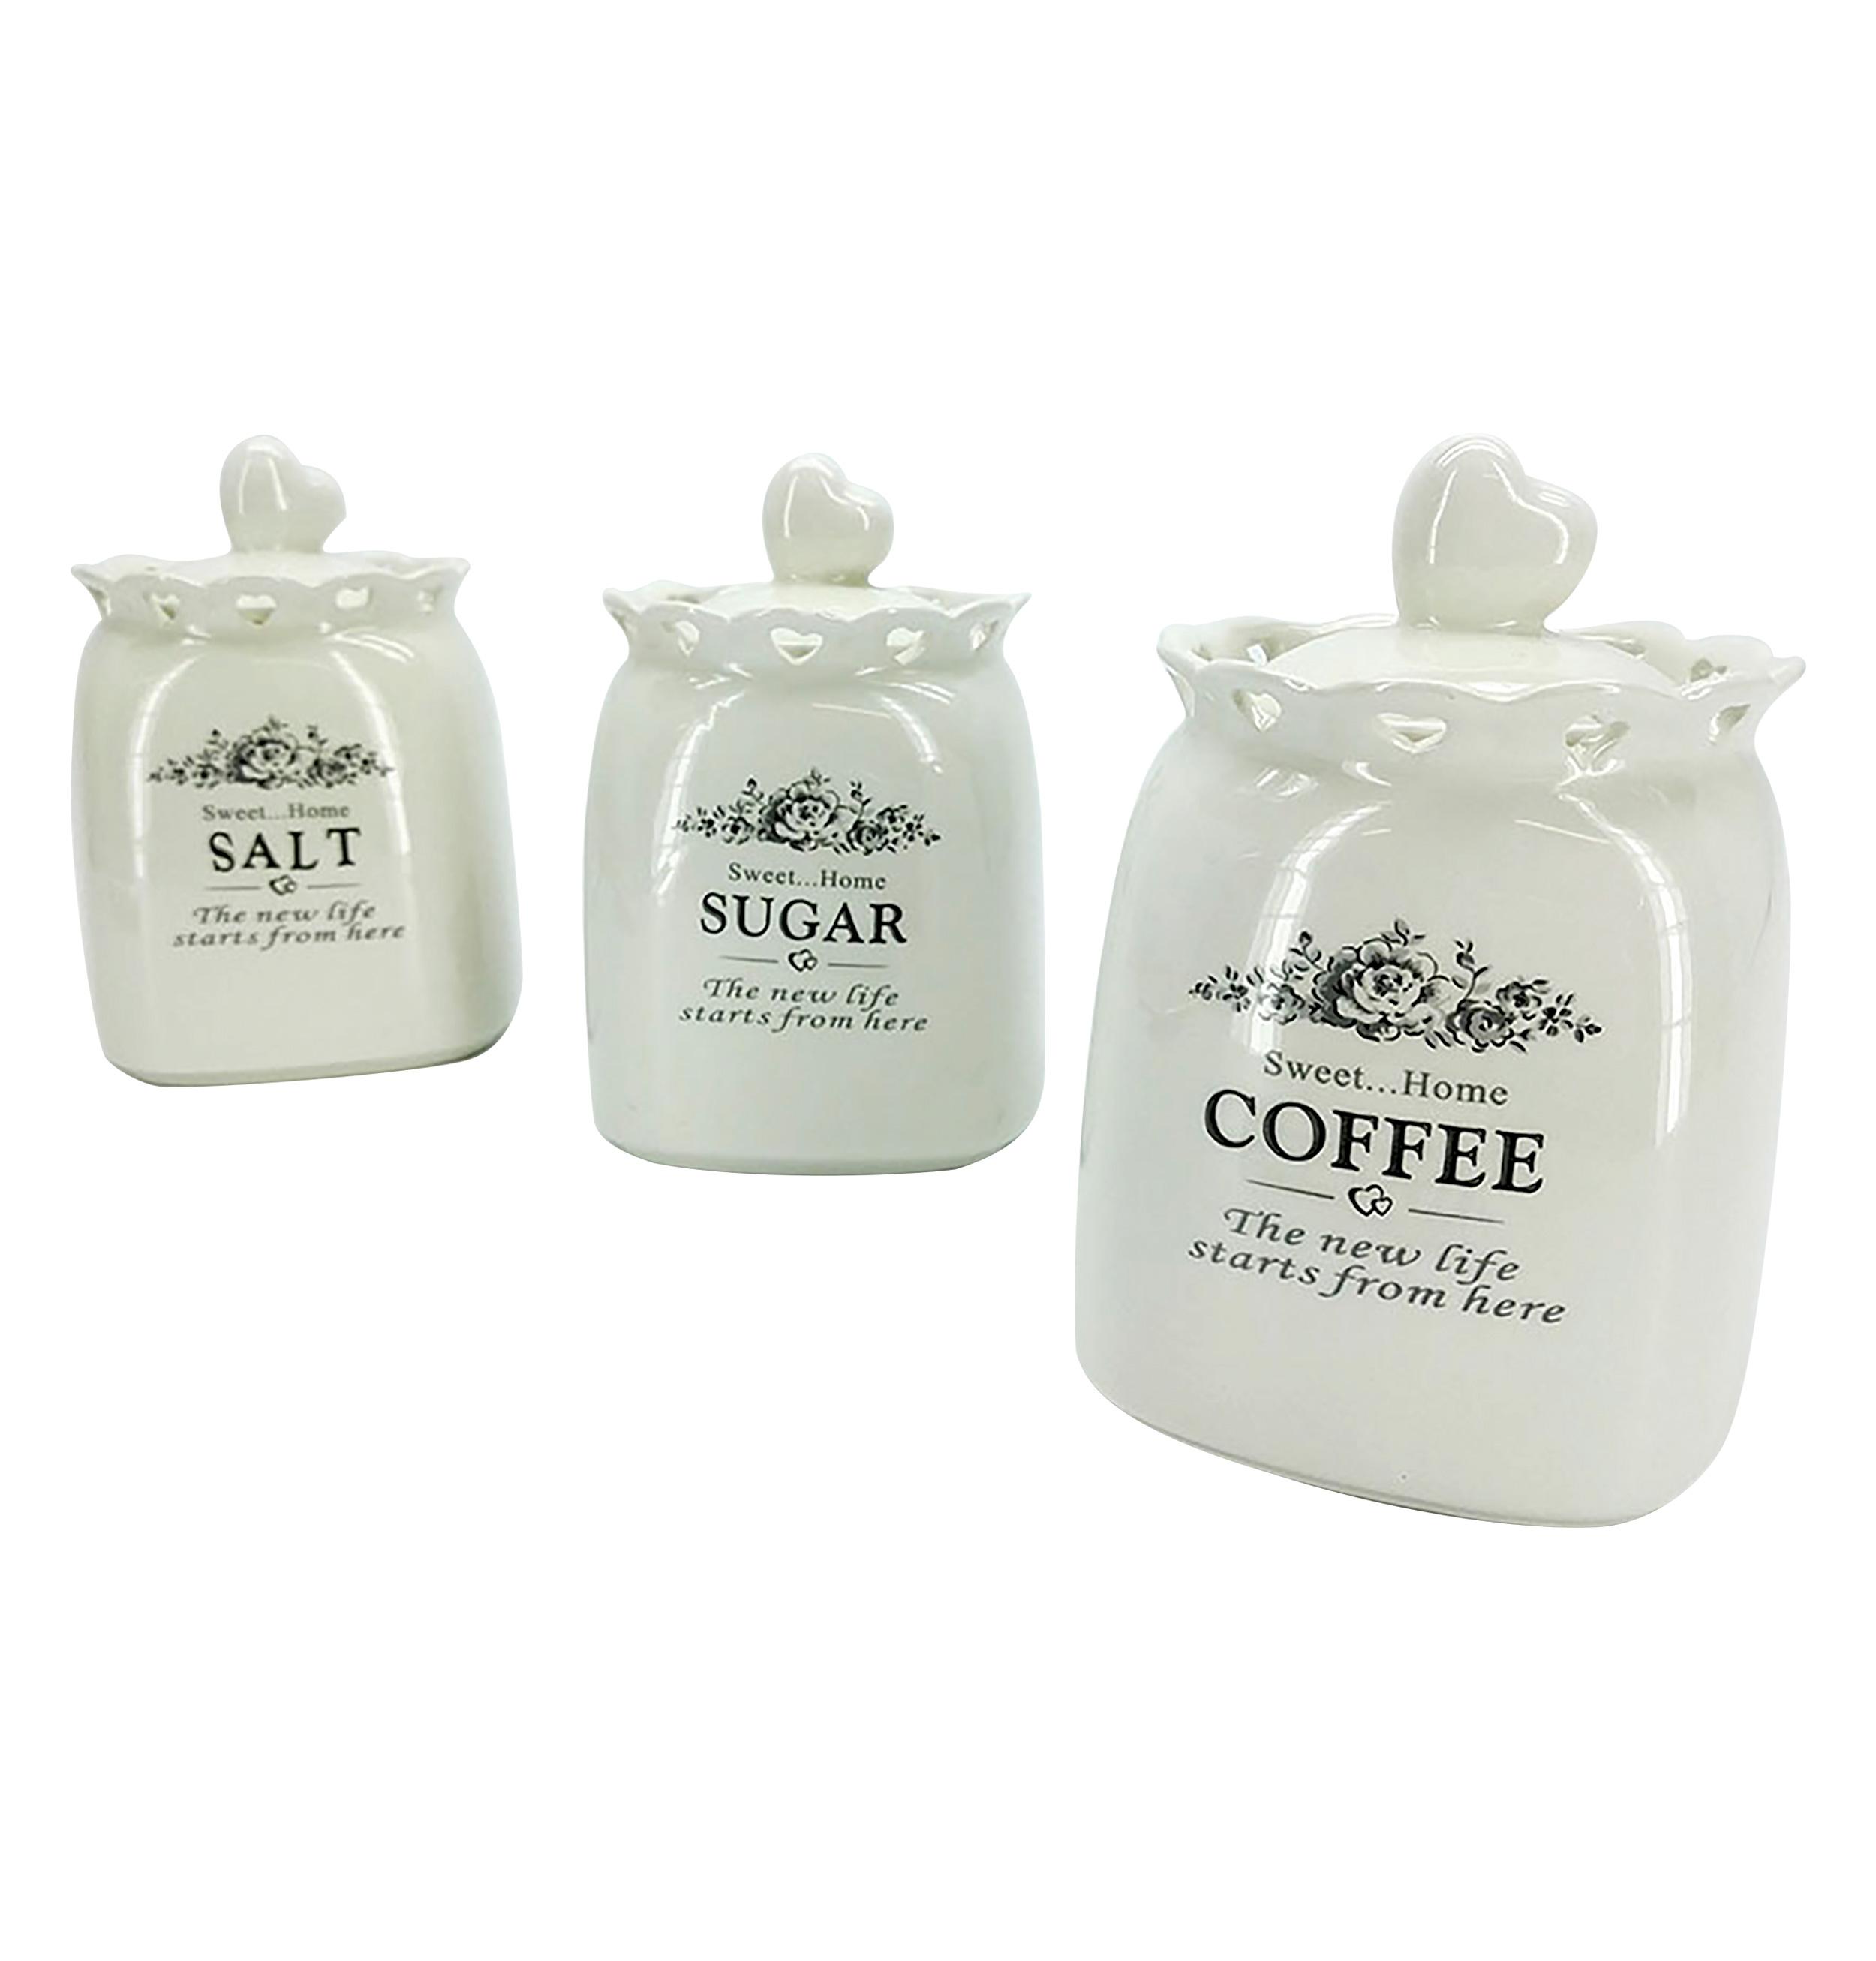 Βάζα πορσελάνινα για αλάτι, ζάχαρι και καφέ